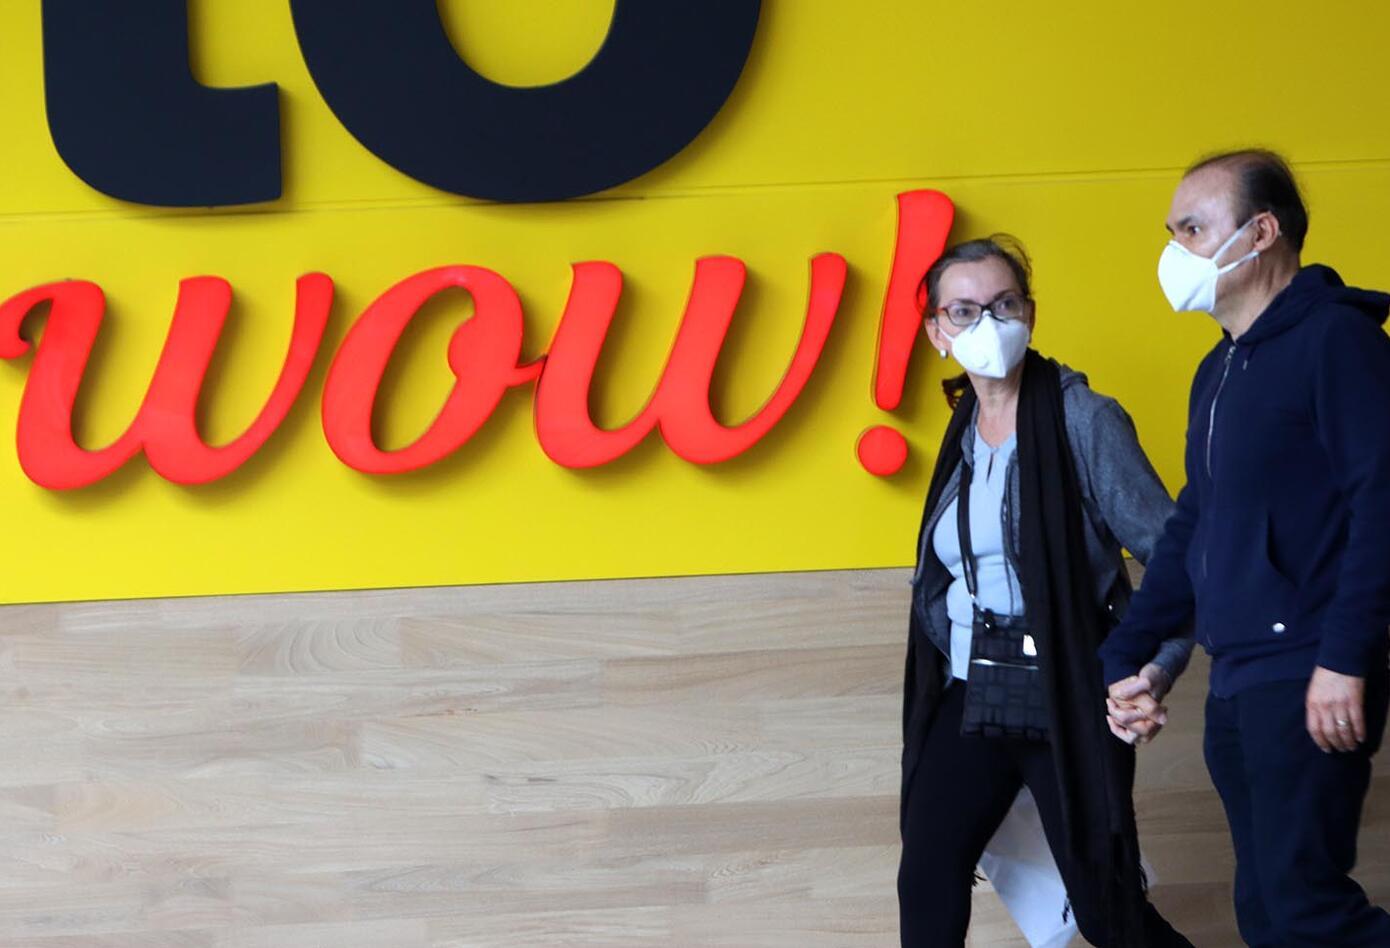 Ciudadanos comenzaron a llegar nuevamente a los centros comerciales, que reabren sus puertas.